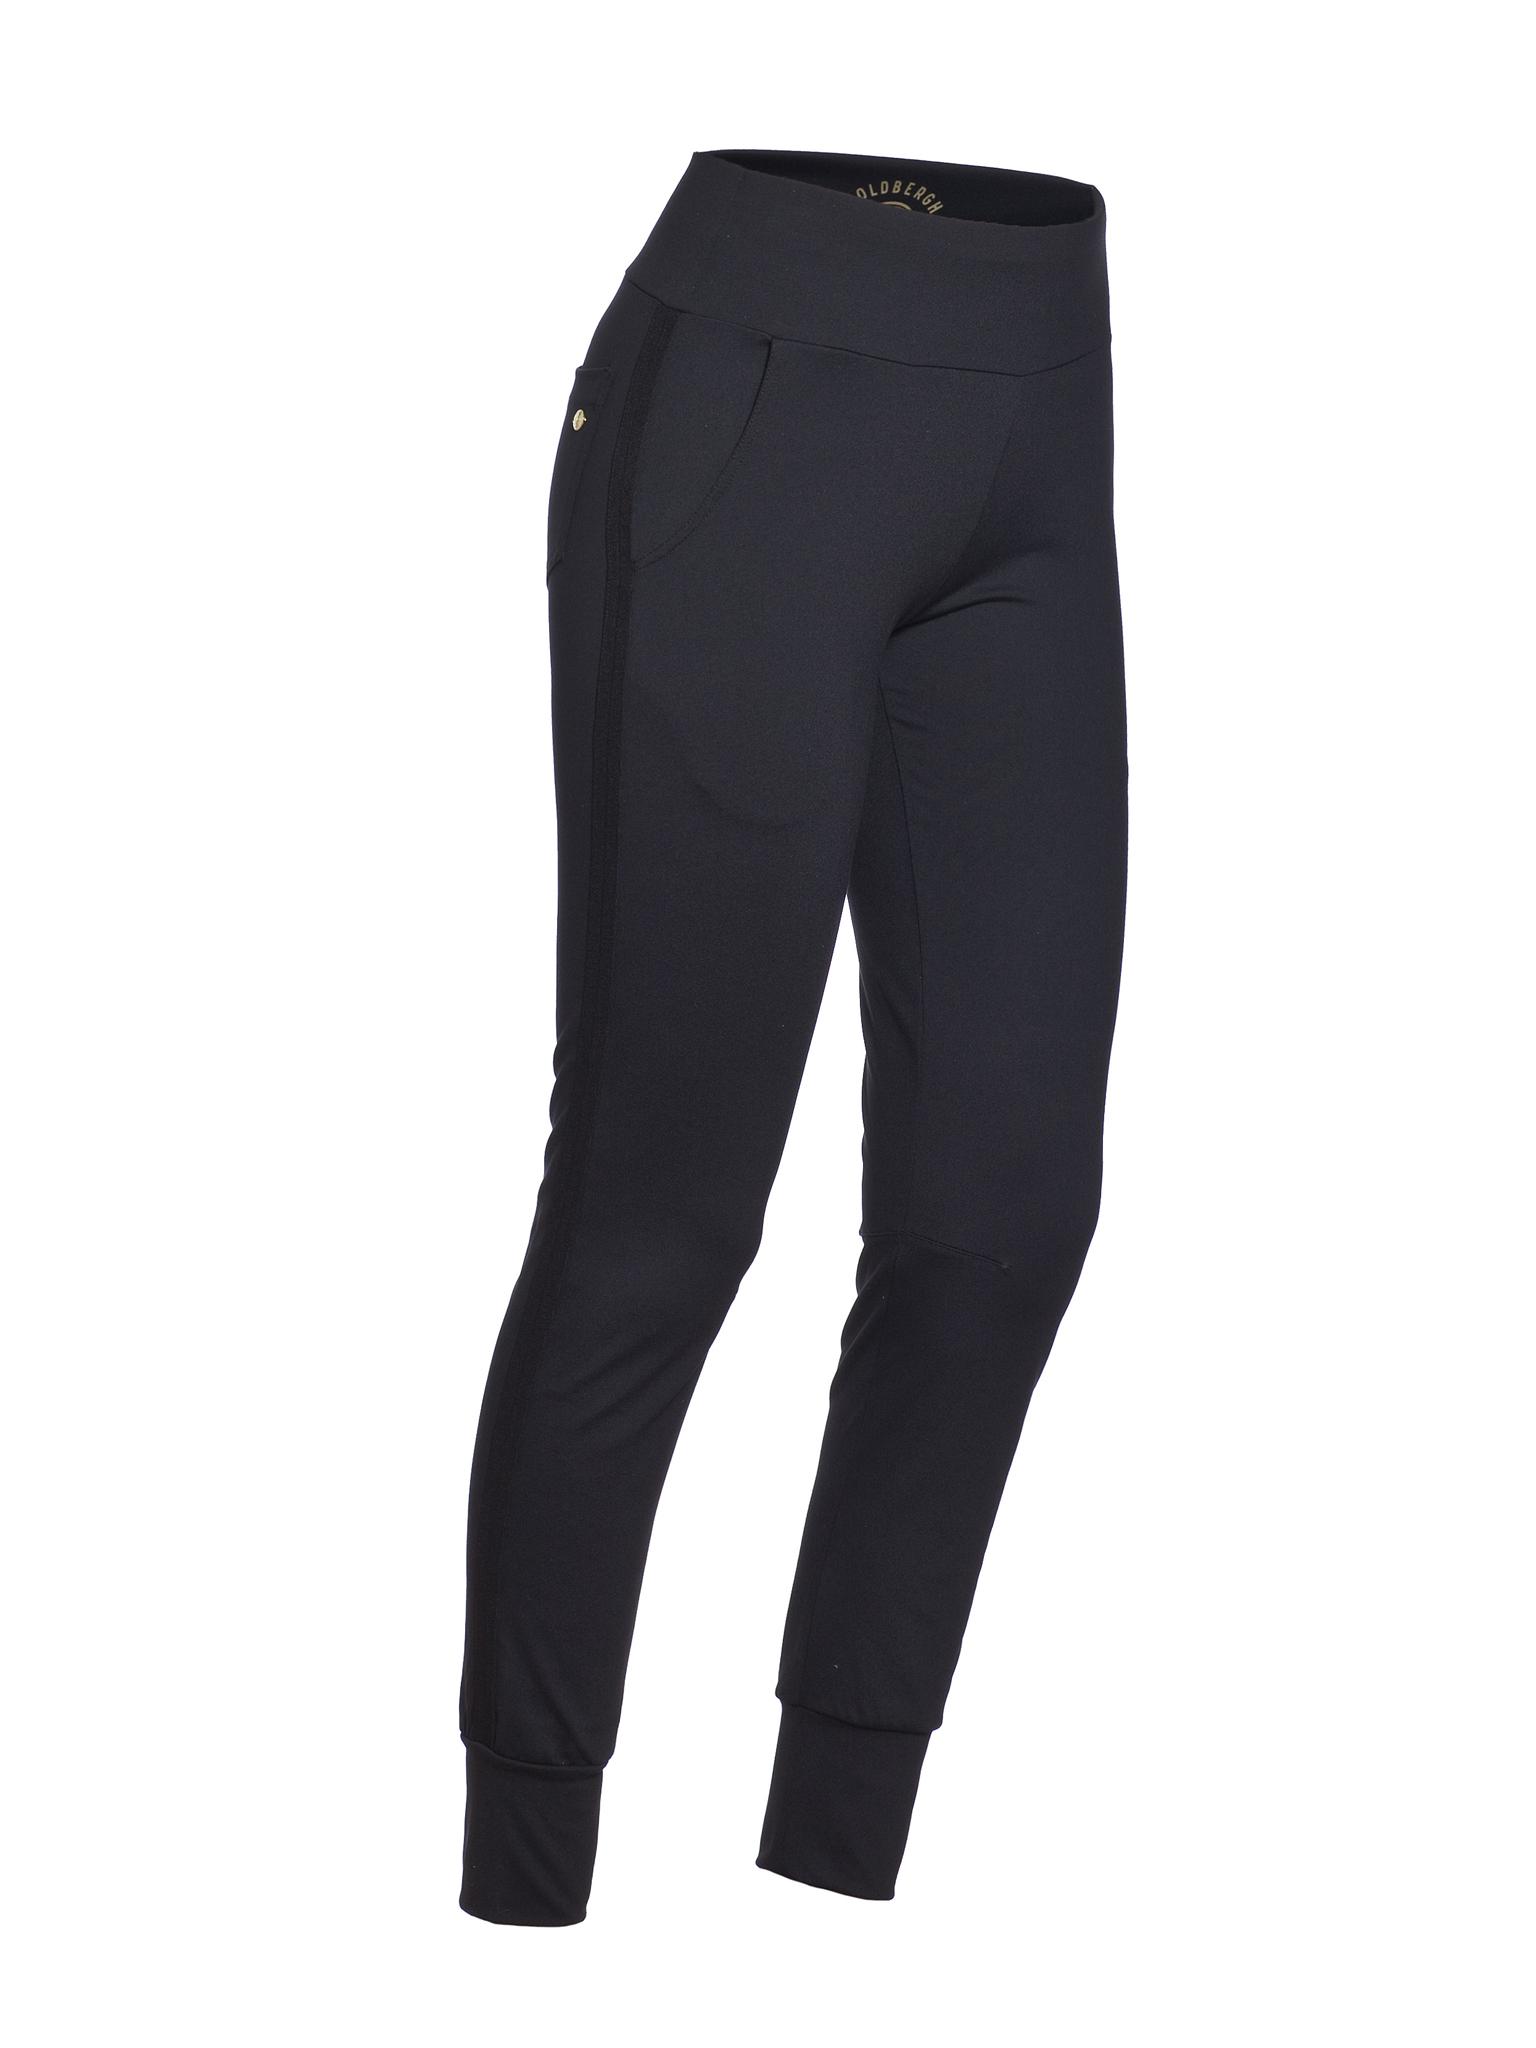 Zwarte dames broek Goldbergh - Workout